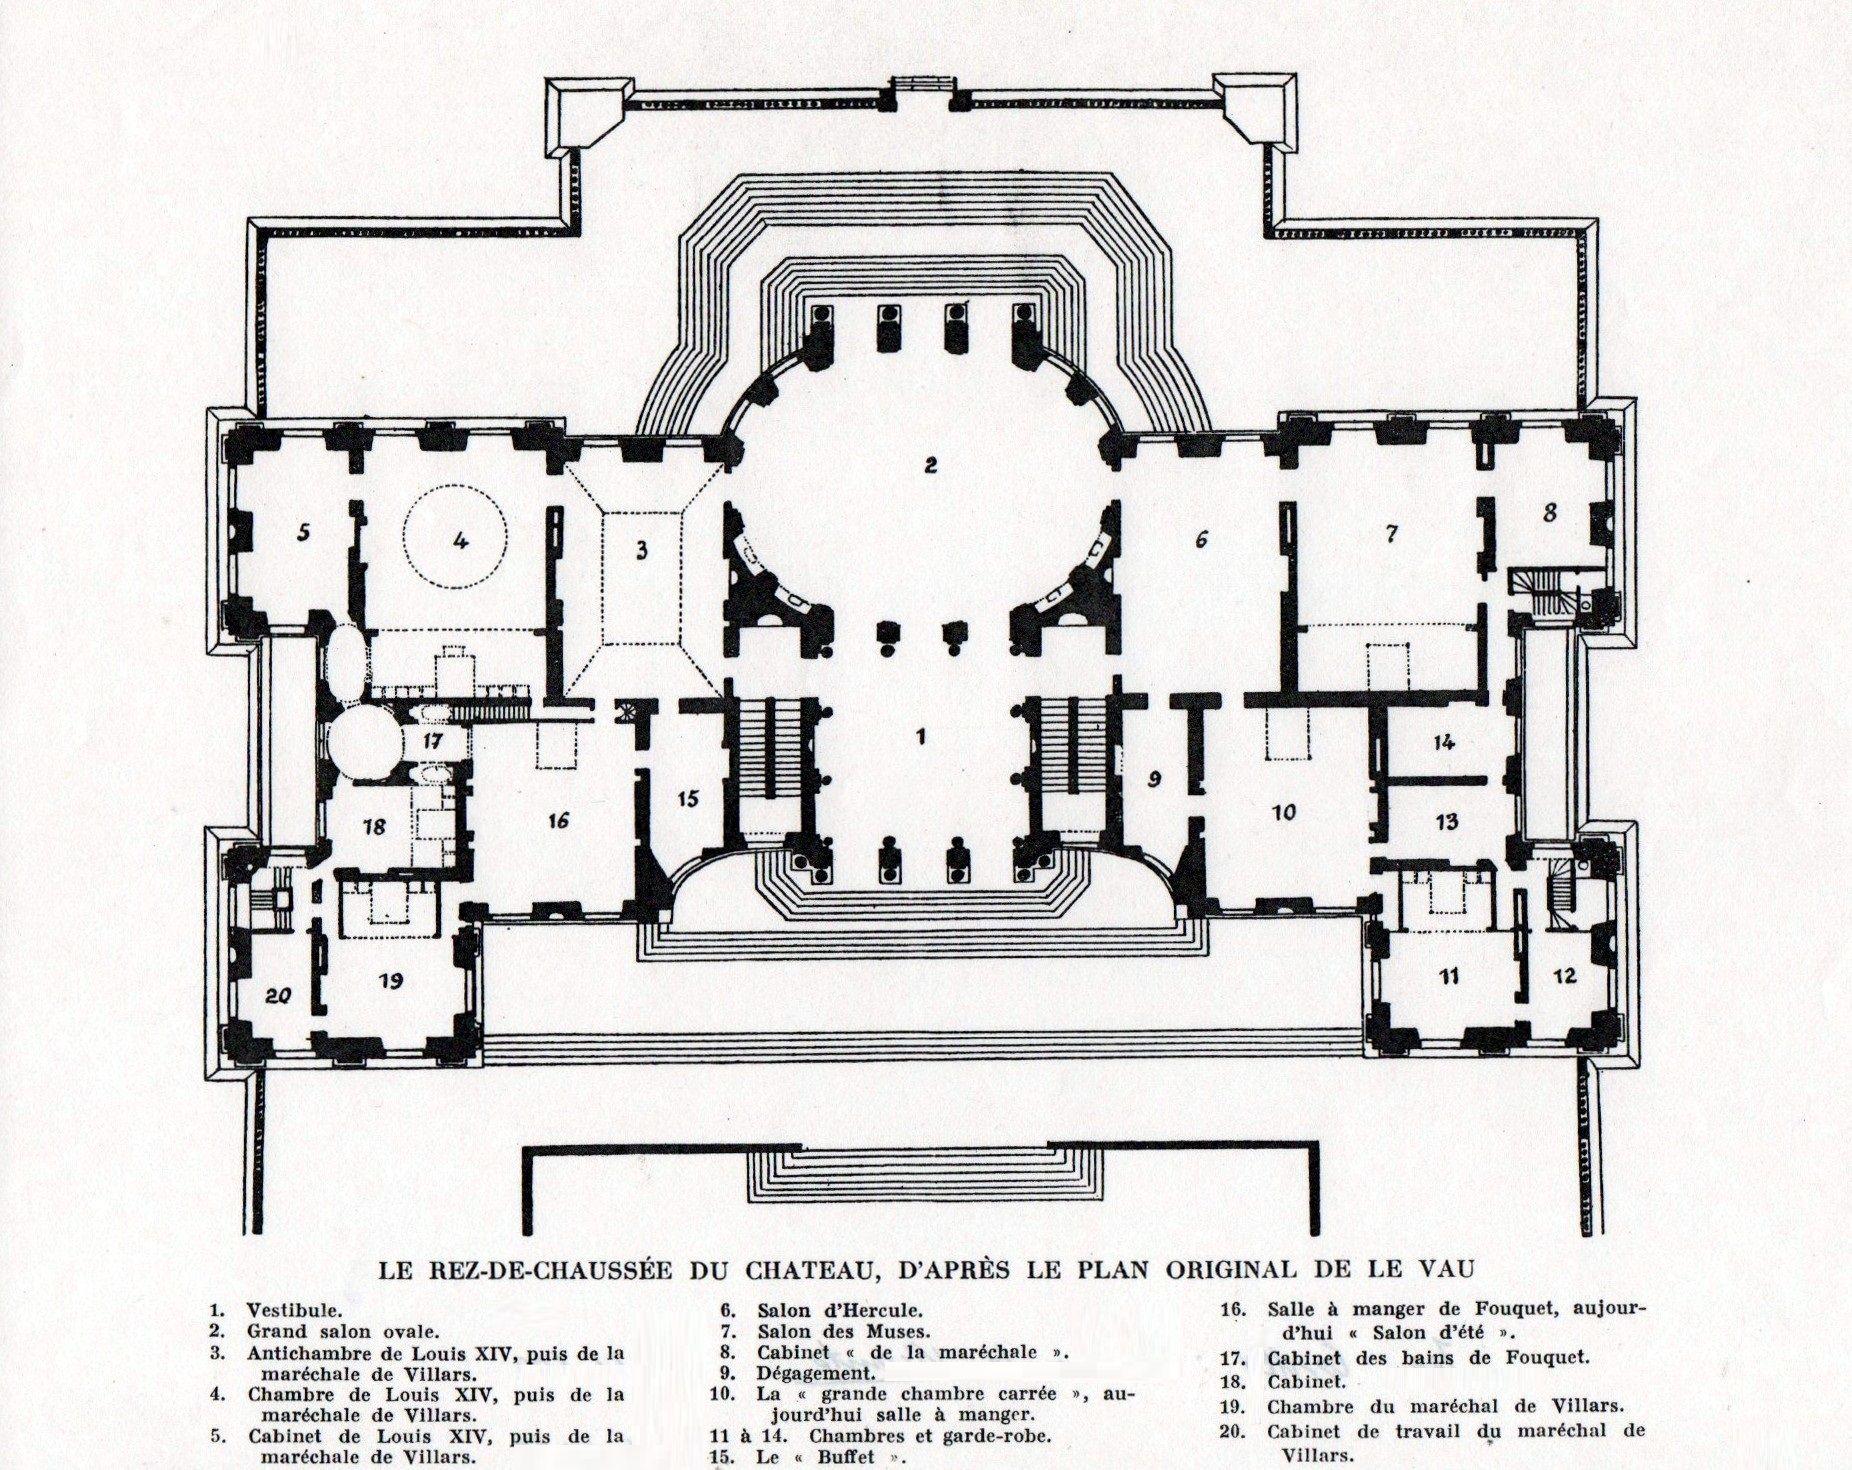 chateau de vaux le vicomte ground floor plan architectural chateau de vaux le vicomte ground floor plan